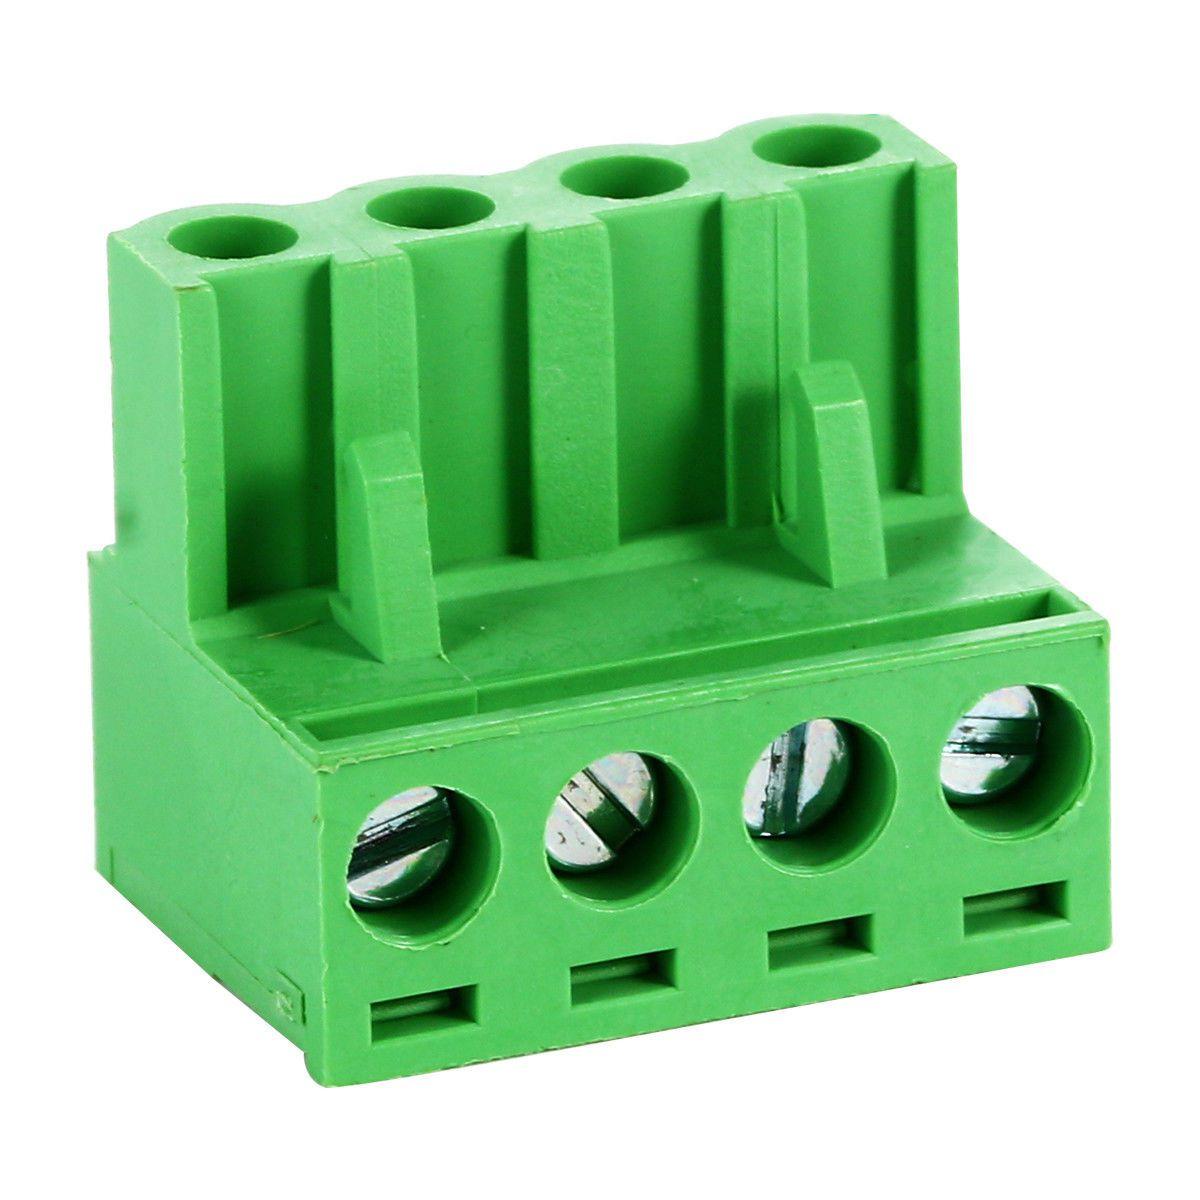 Kit imprimante 3D, rampes 1.4 + Mega 2560 + MK2B Heatbed + contrôleur I3 Suit 12864 - 2